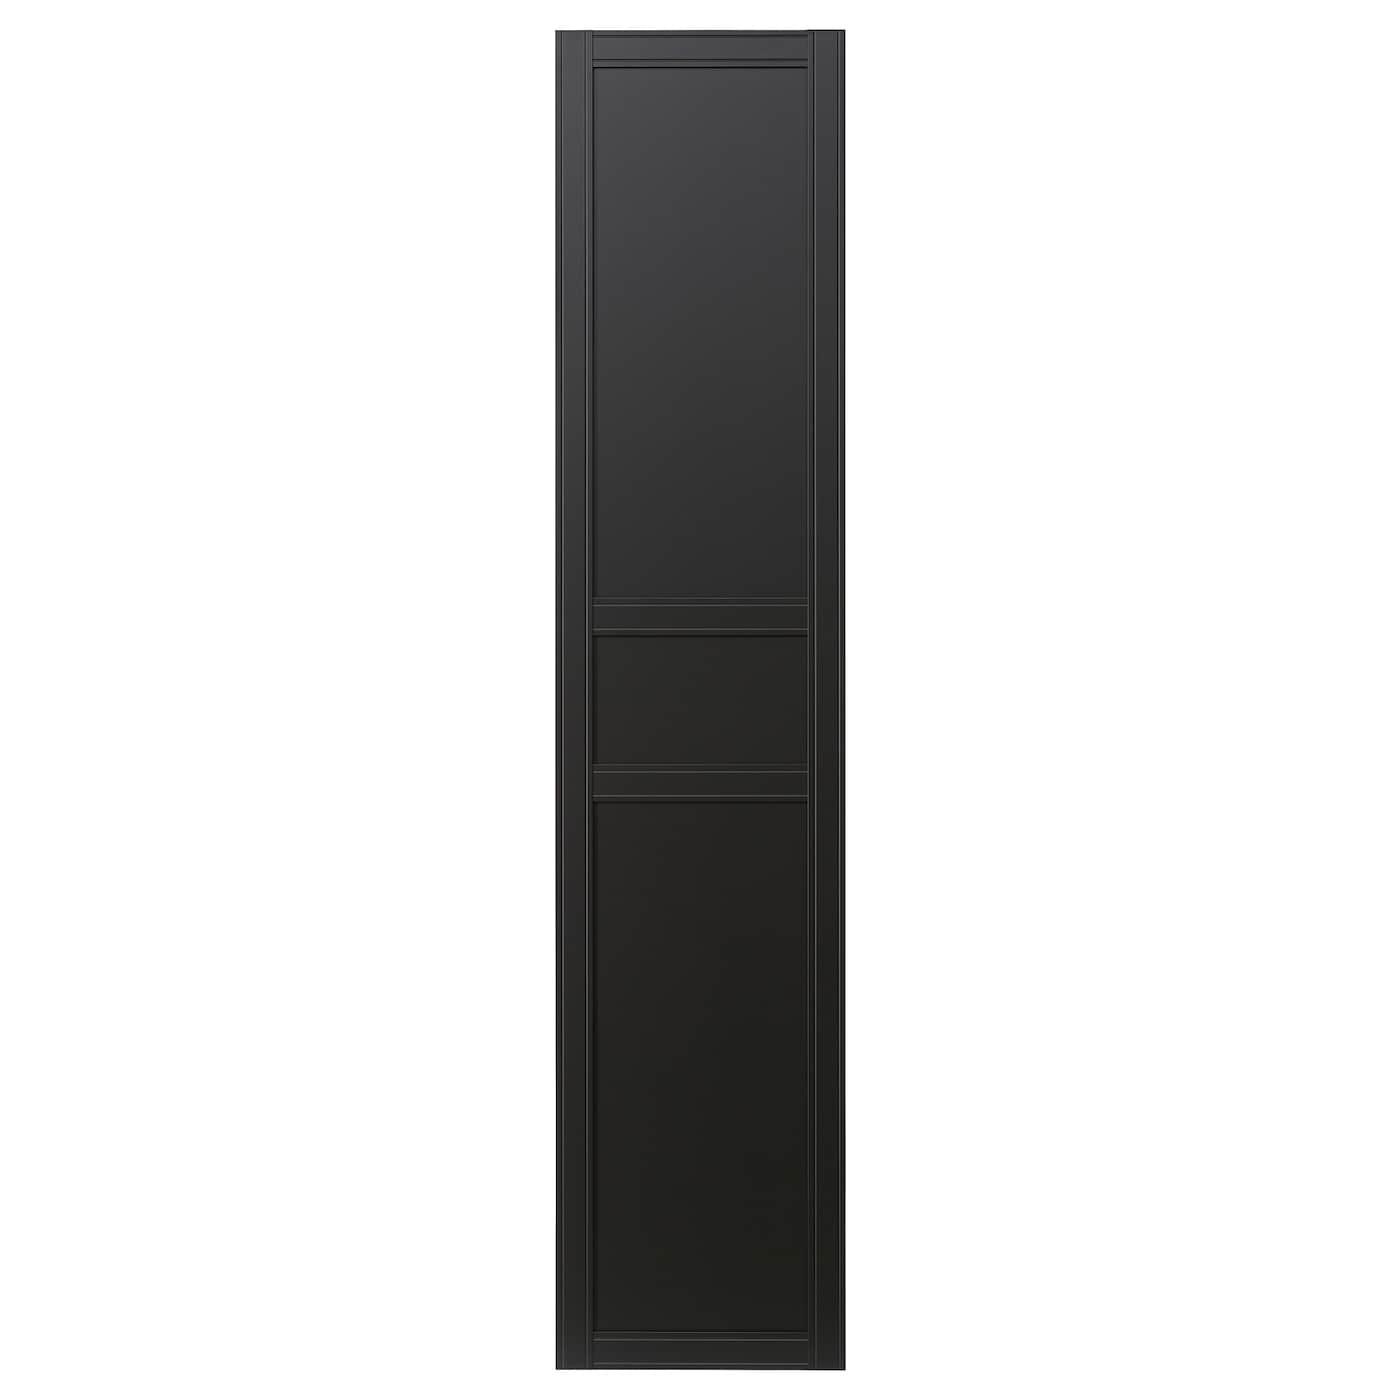 Flisberget door anthracite 50x195 cm ikea for Kommode 40 cm tief ikea